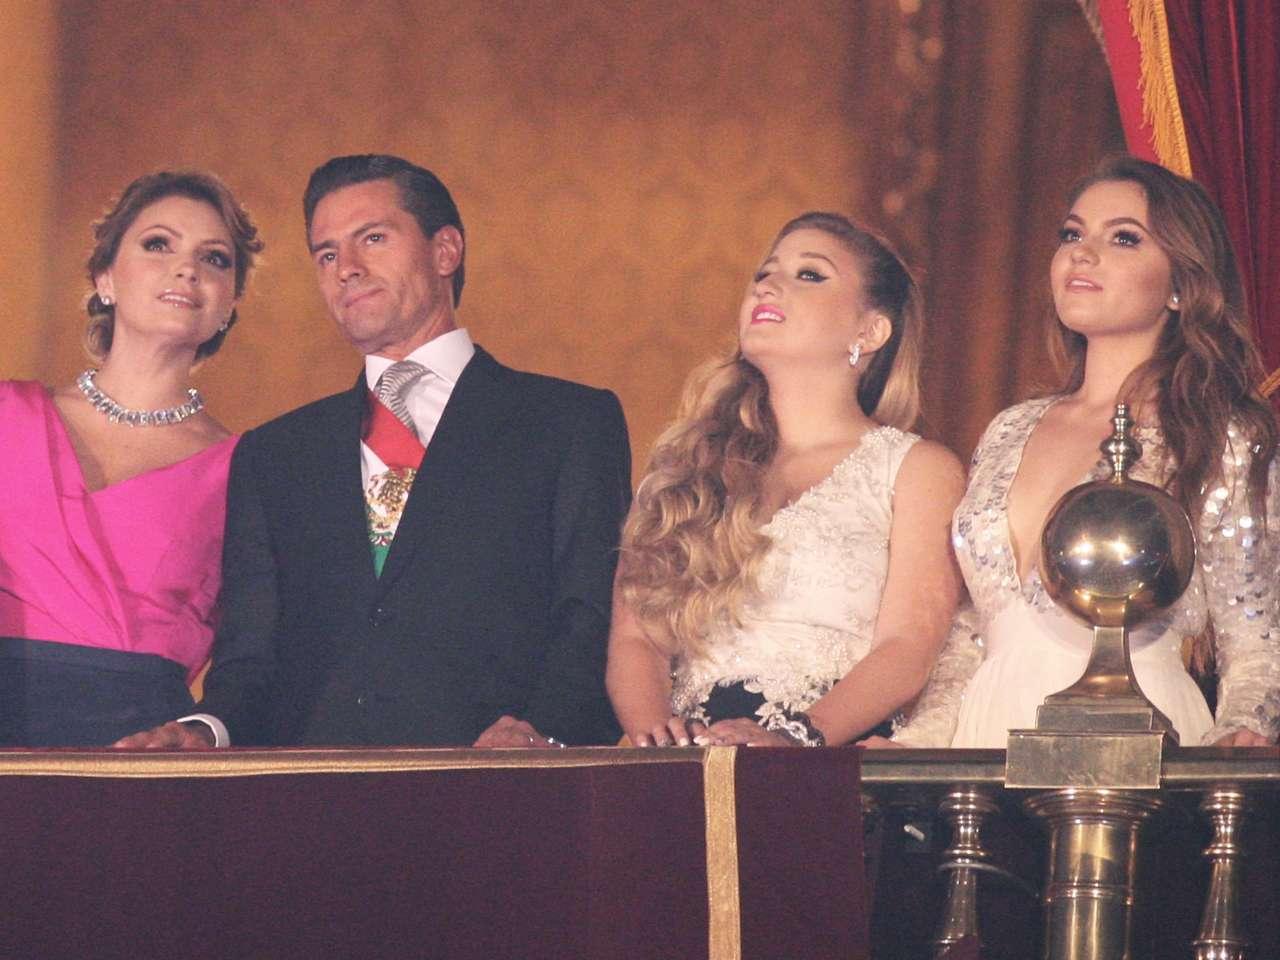 Sofía Castro (primera a la derecha) es hija de Angélica Rivera, esposa del presidente Enrique Peña Nieto Foto: Terra/Mario Castillo